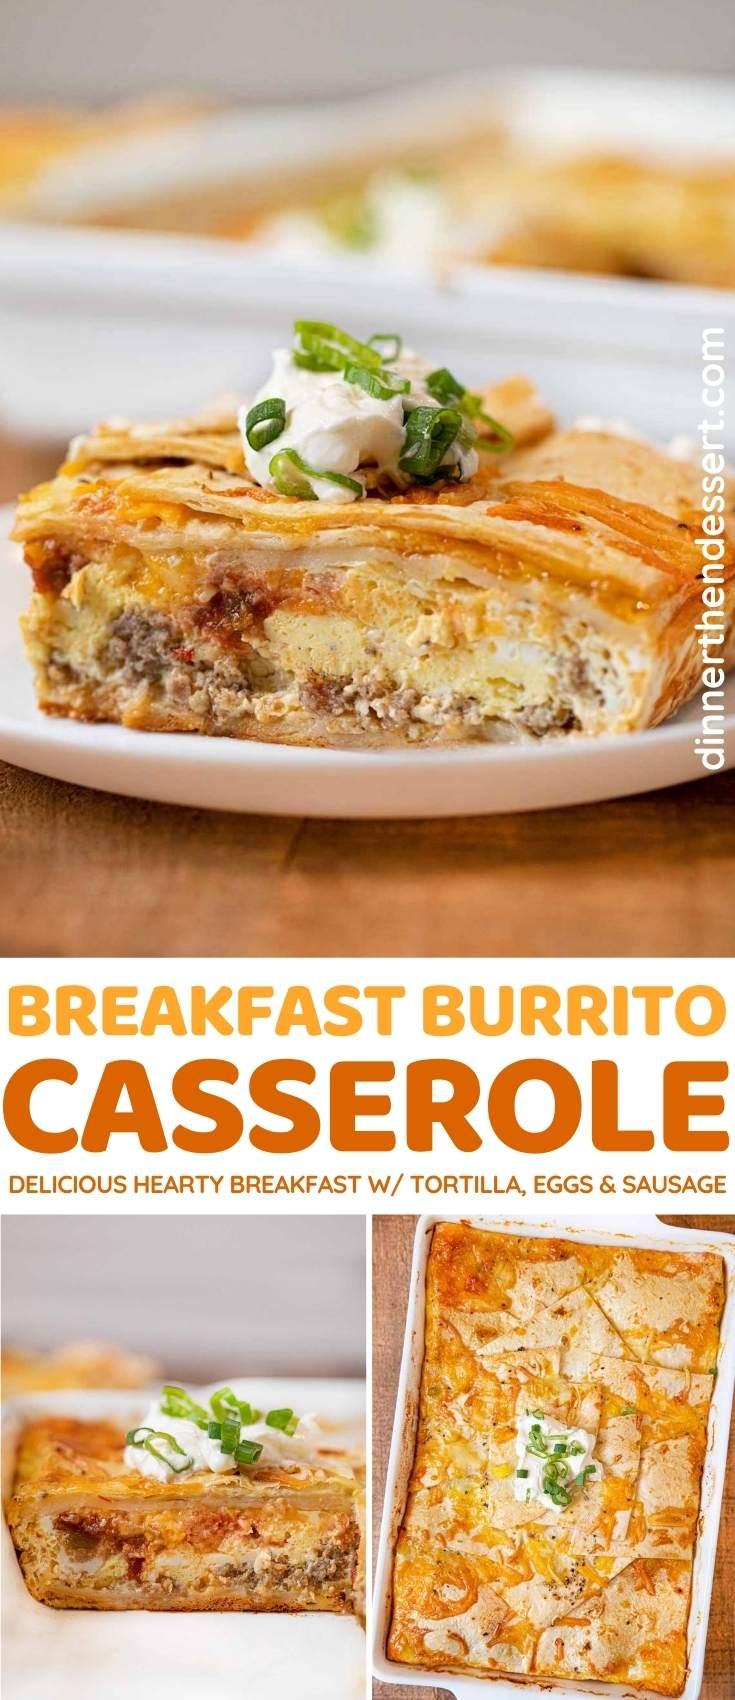 Breakfast Burrito Casserole collage